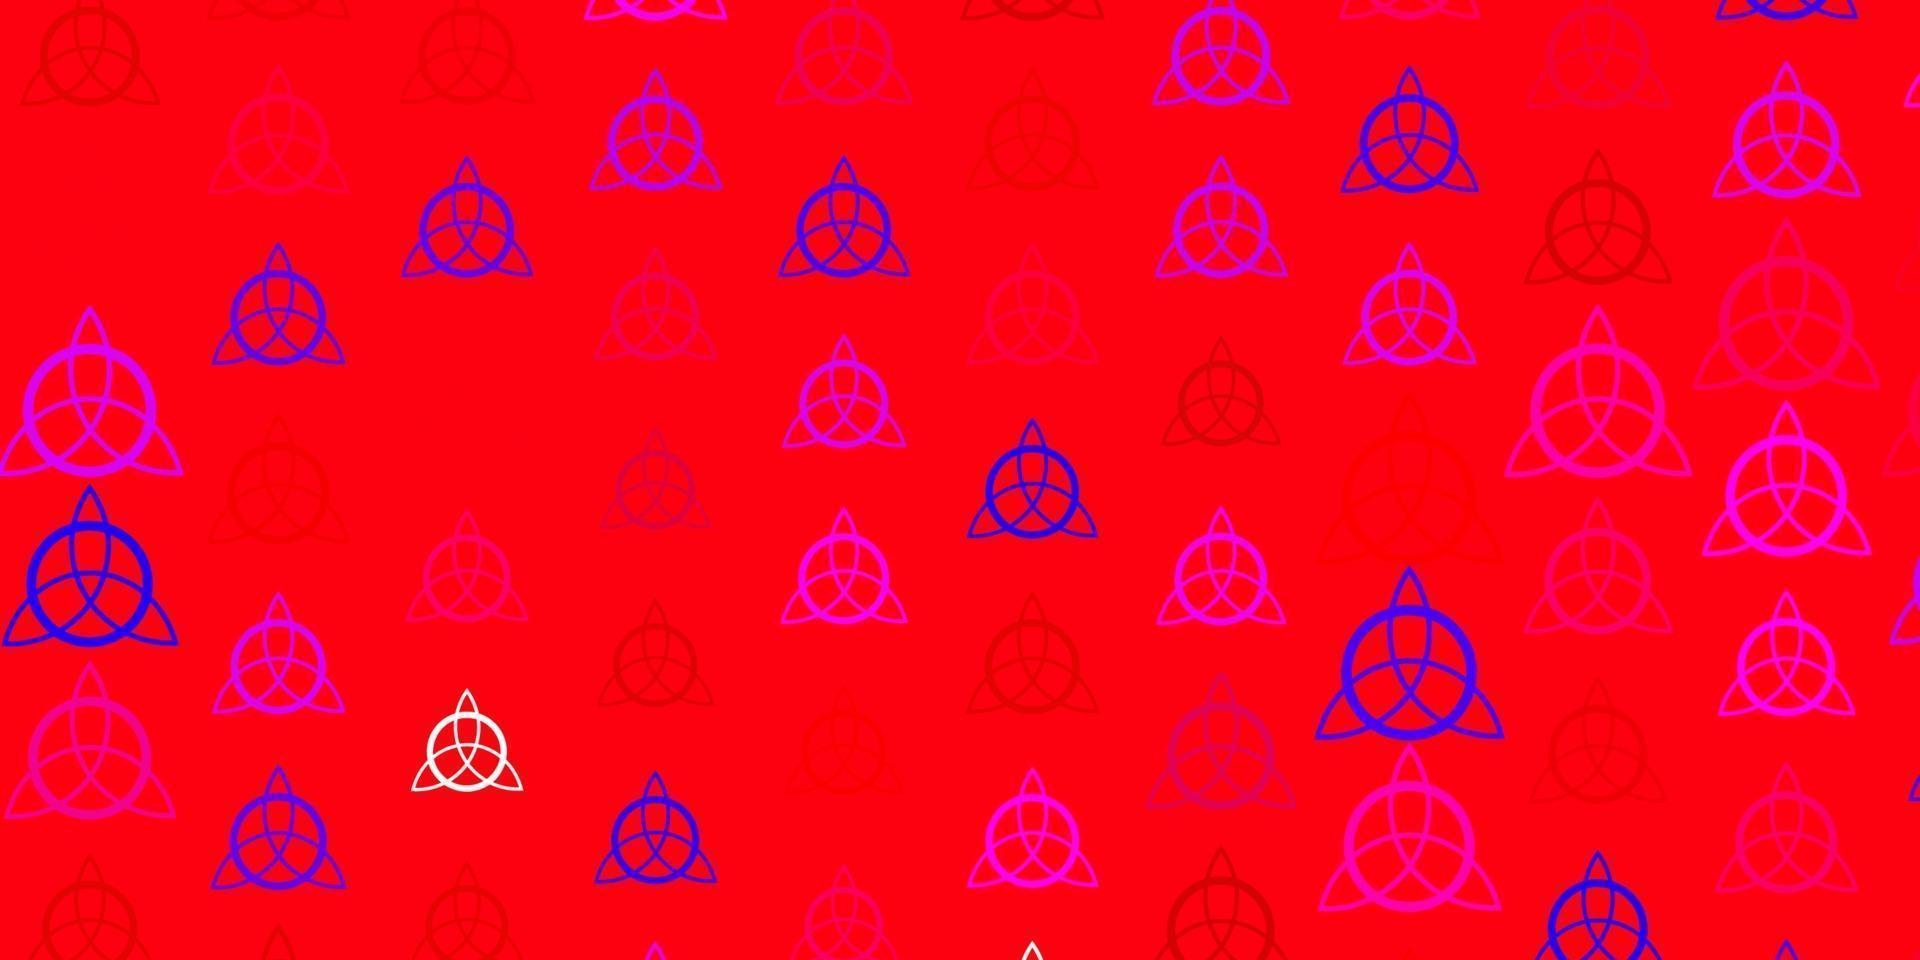 texture de vecteur rose clair, jaune avec des symboles de religion.